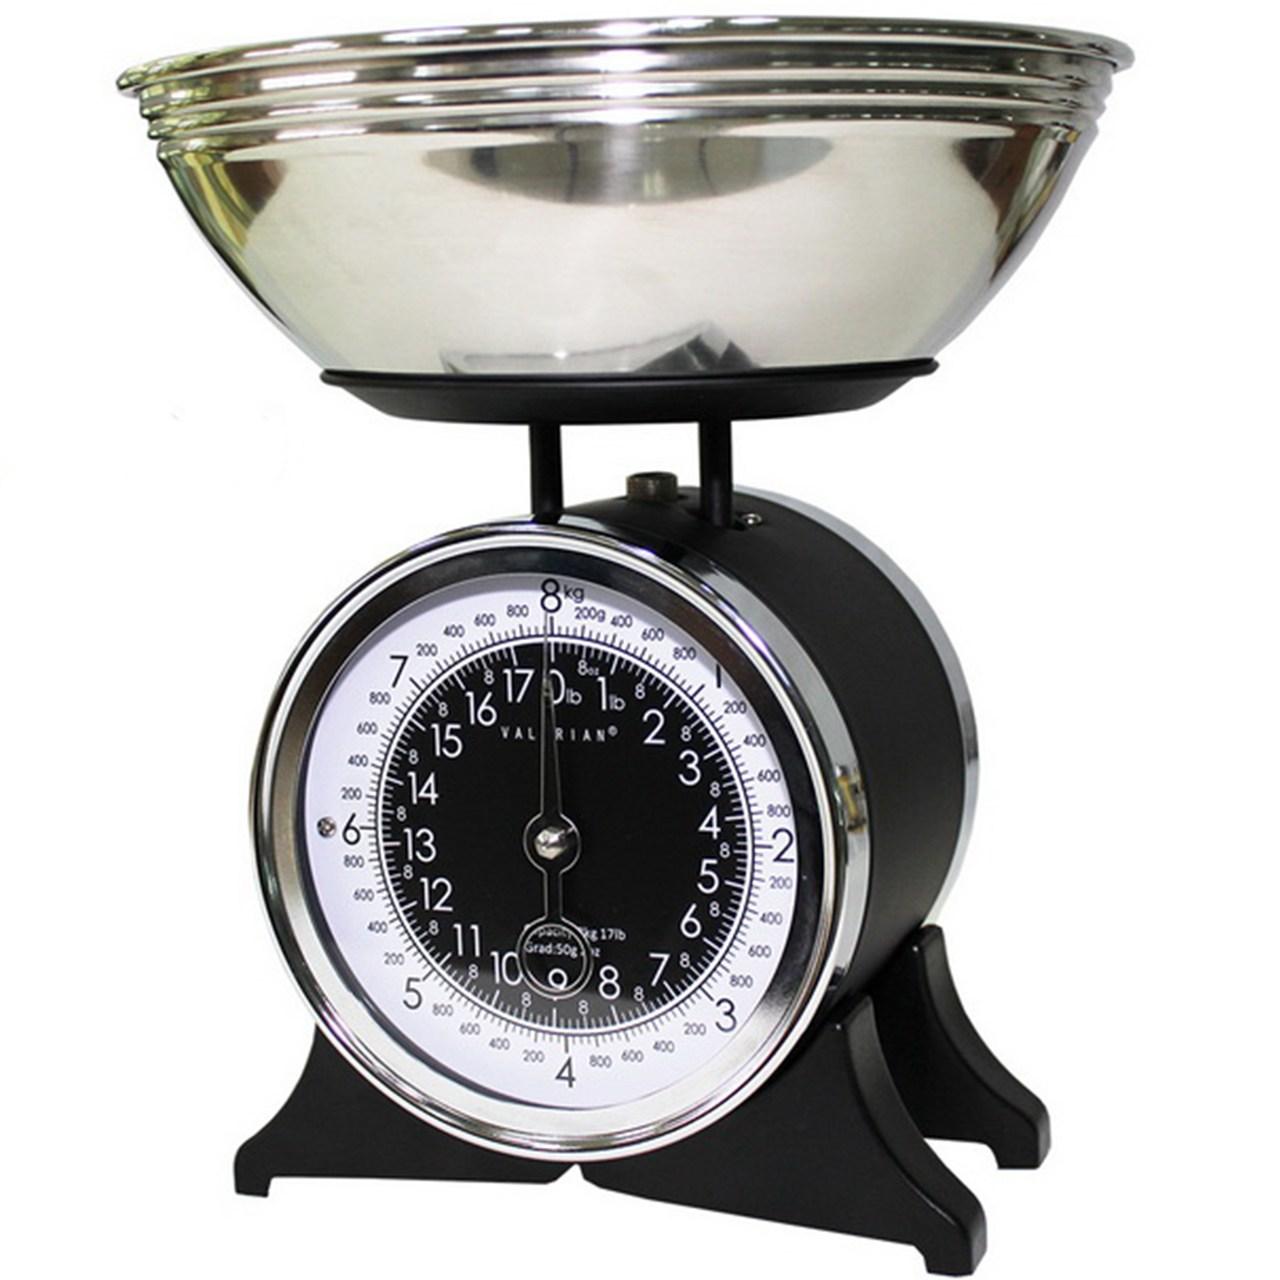 ترازوی آشپزخانه والرین مدل SDQ-B